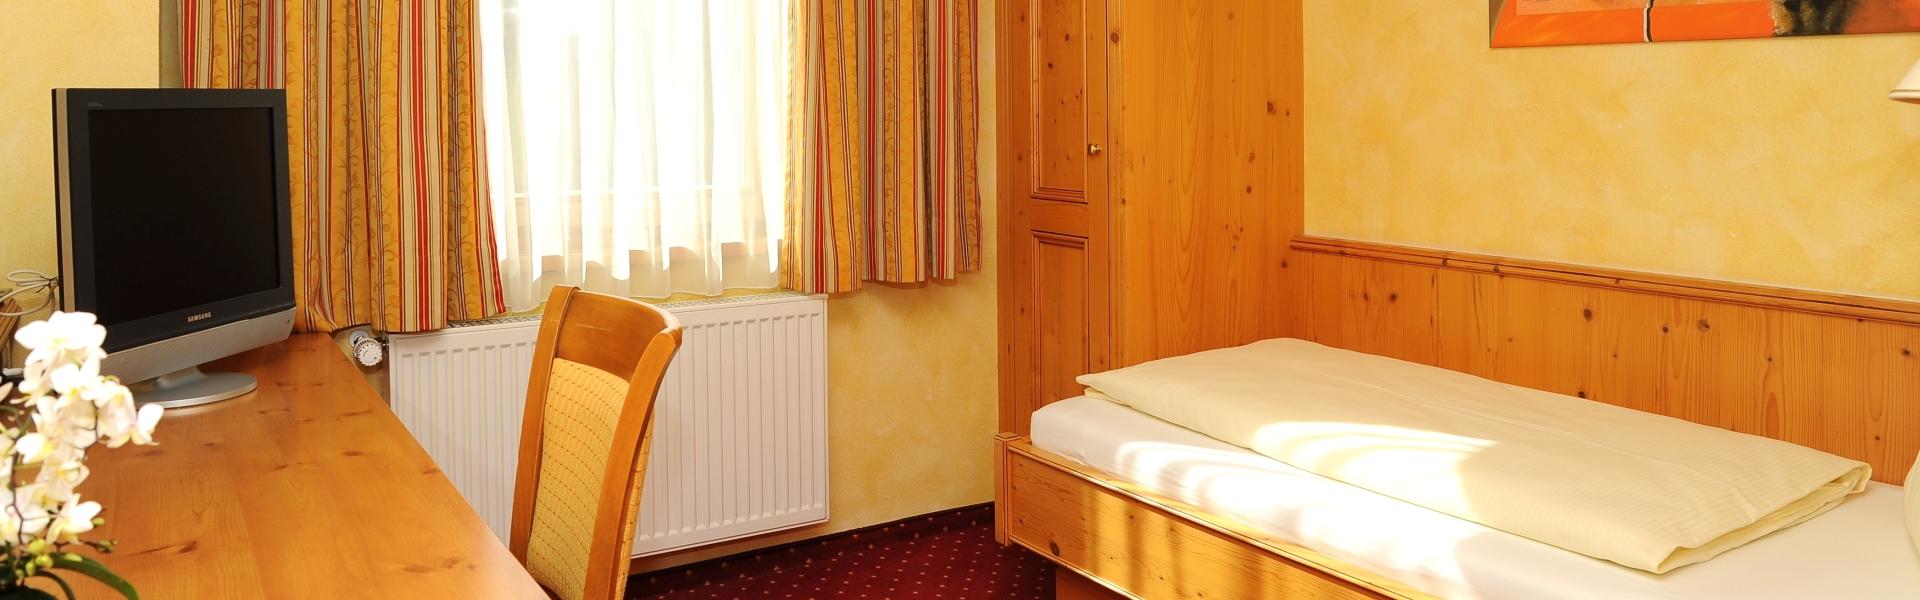 Kellerhaus Oberalfingen - Unsere Zimmer - Komfort Einzelzimmer